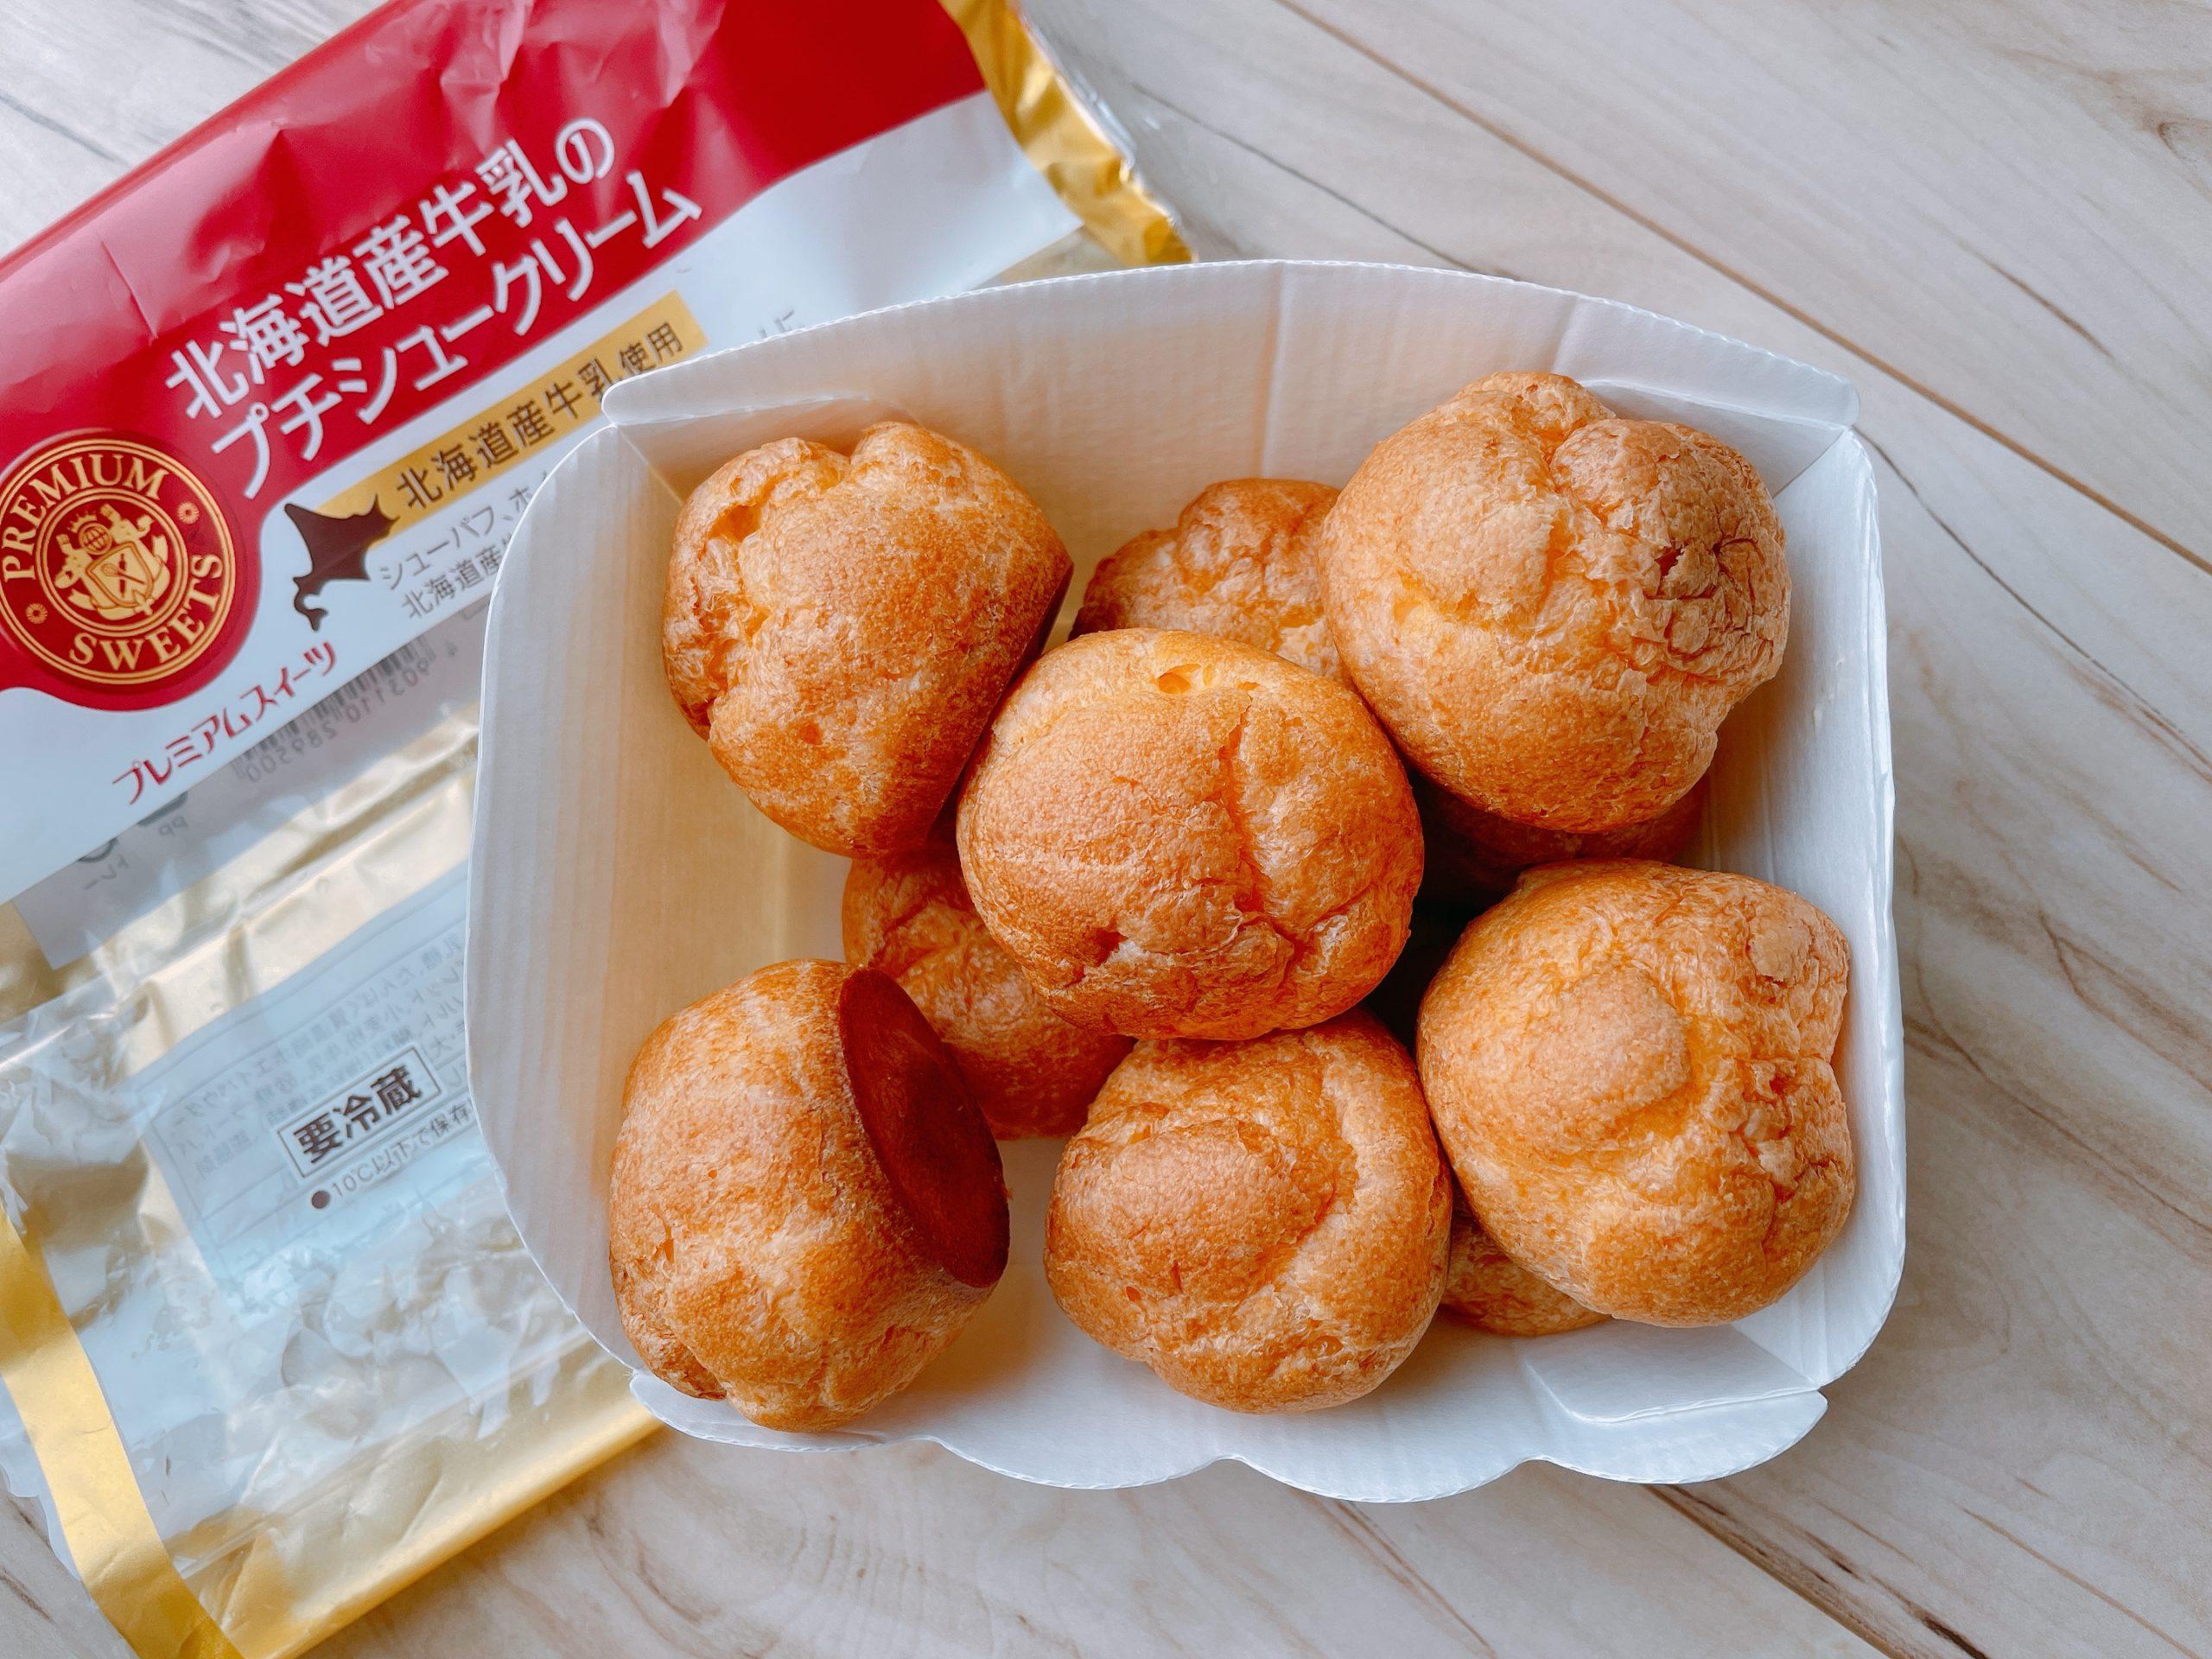 北海道産牛乳のプチシュークリームの厳選素材は北海道産牛乳